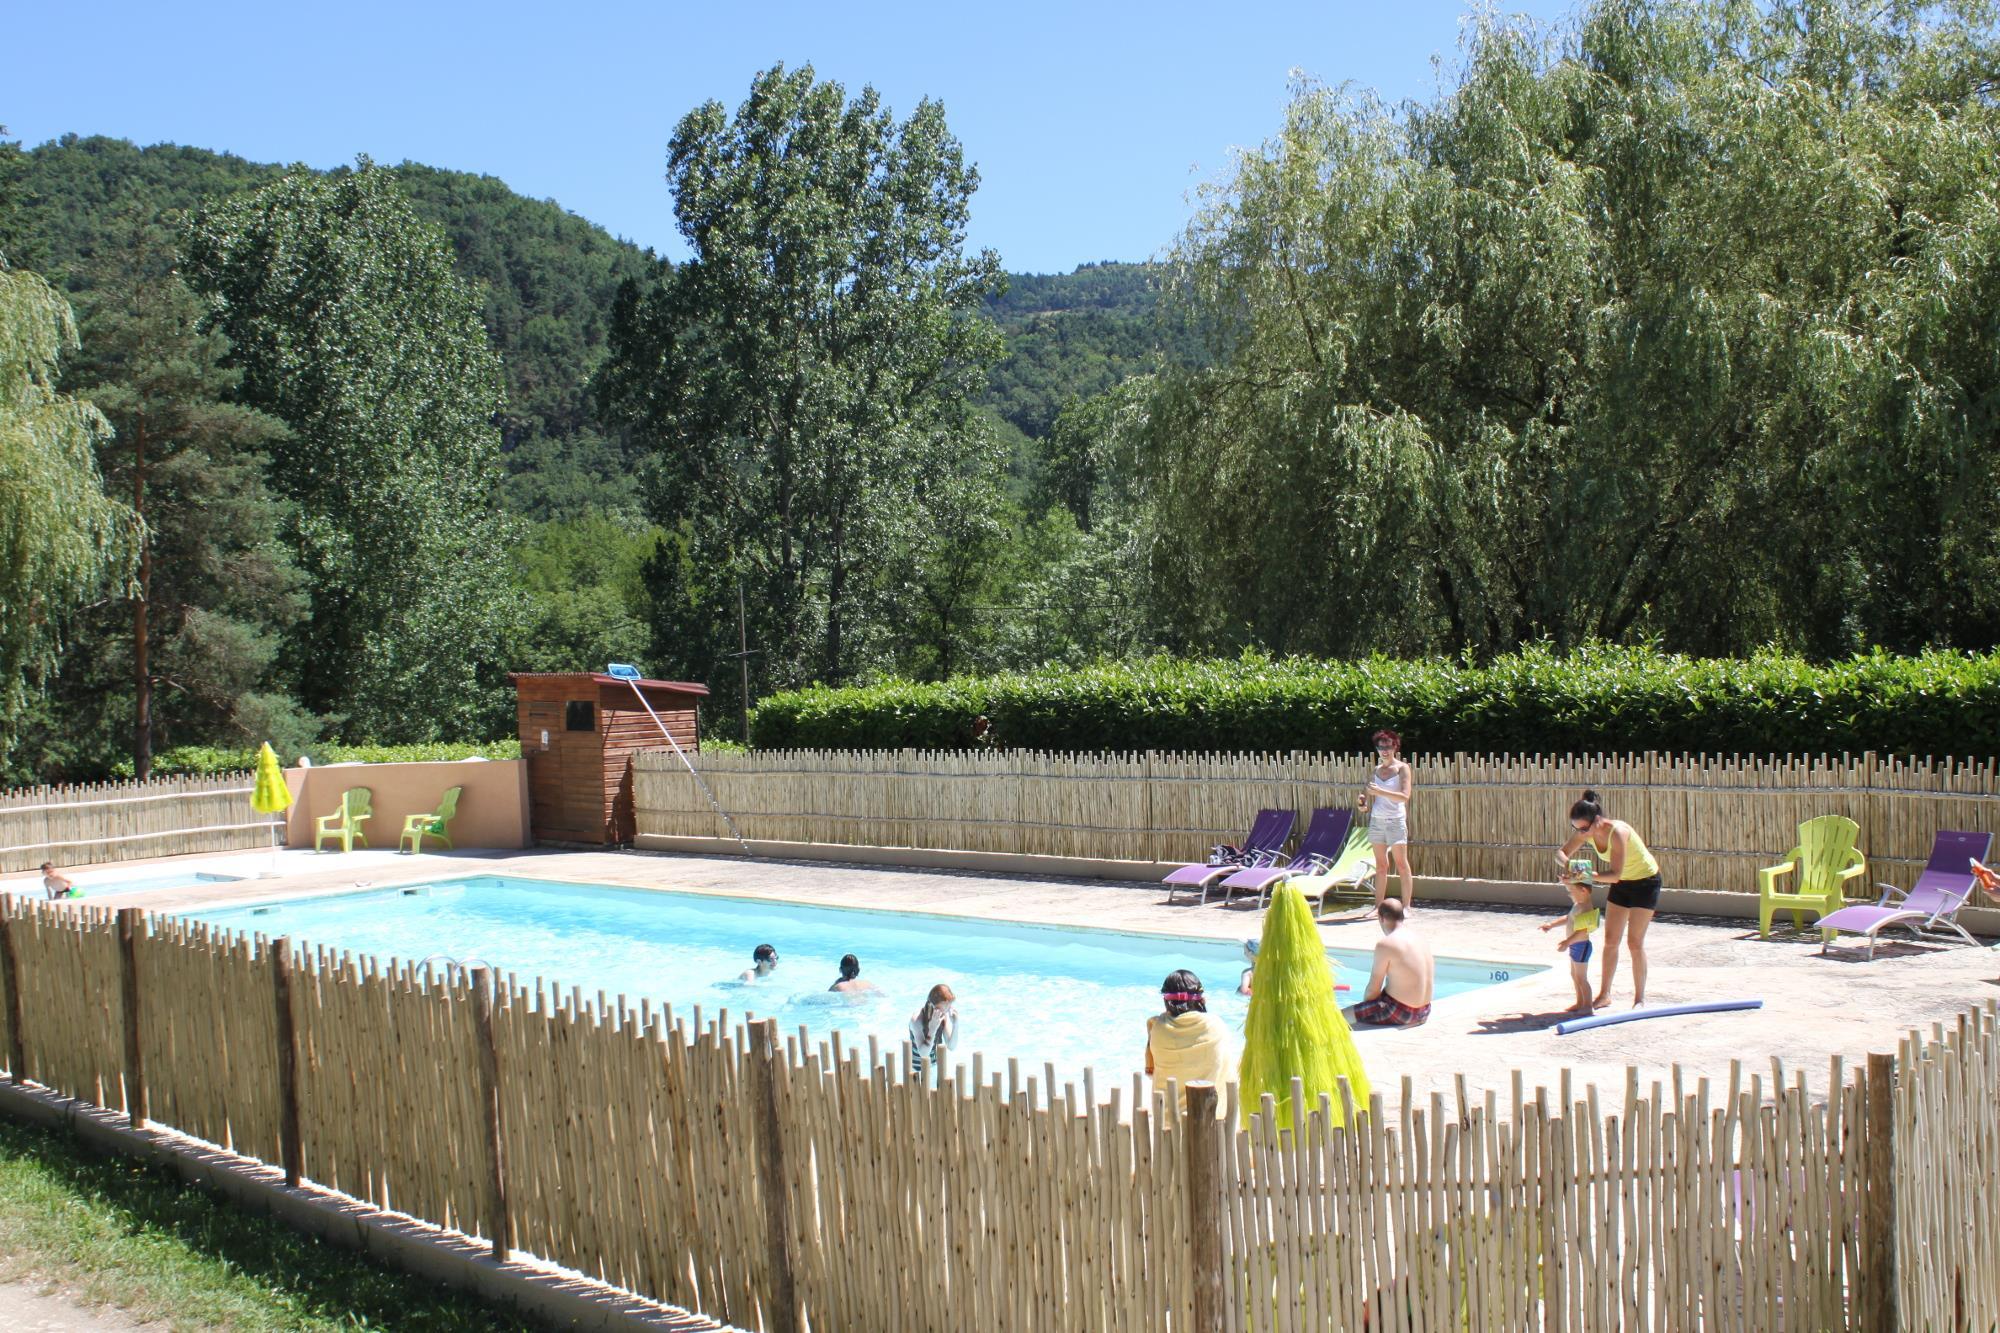 Camping les Berges du Doux, Colombier-le-Vieux, Ardèche